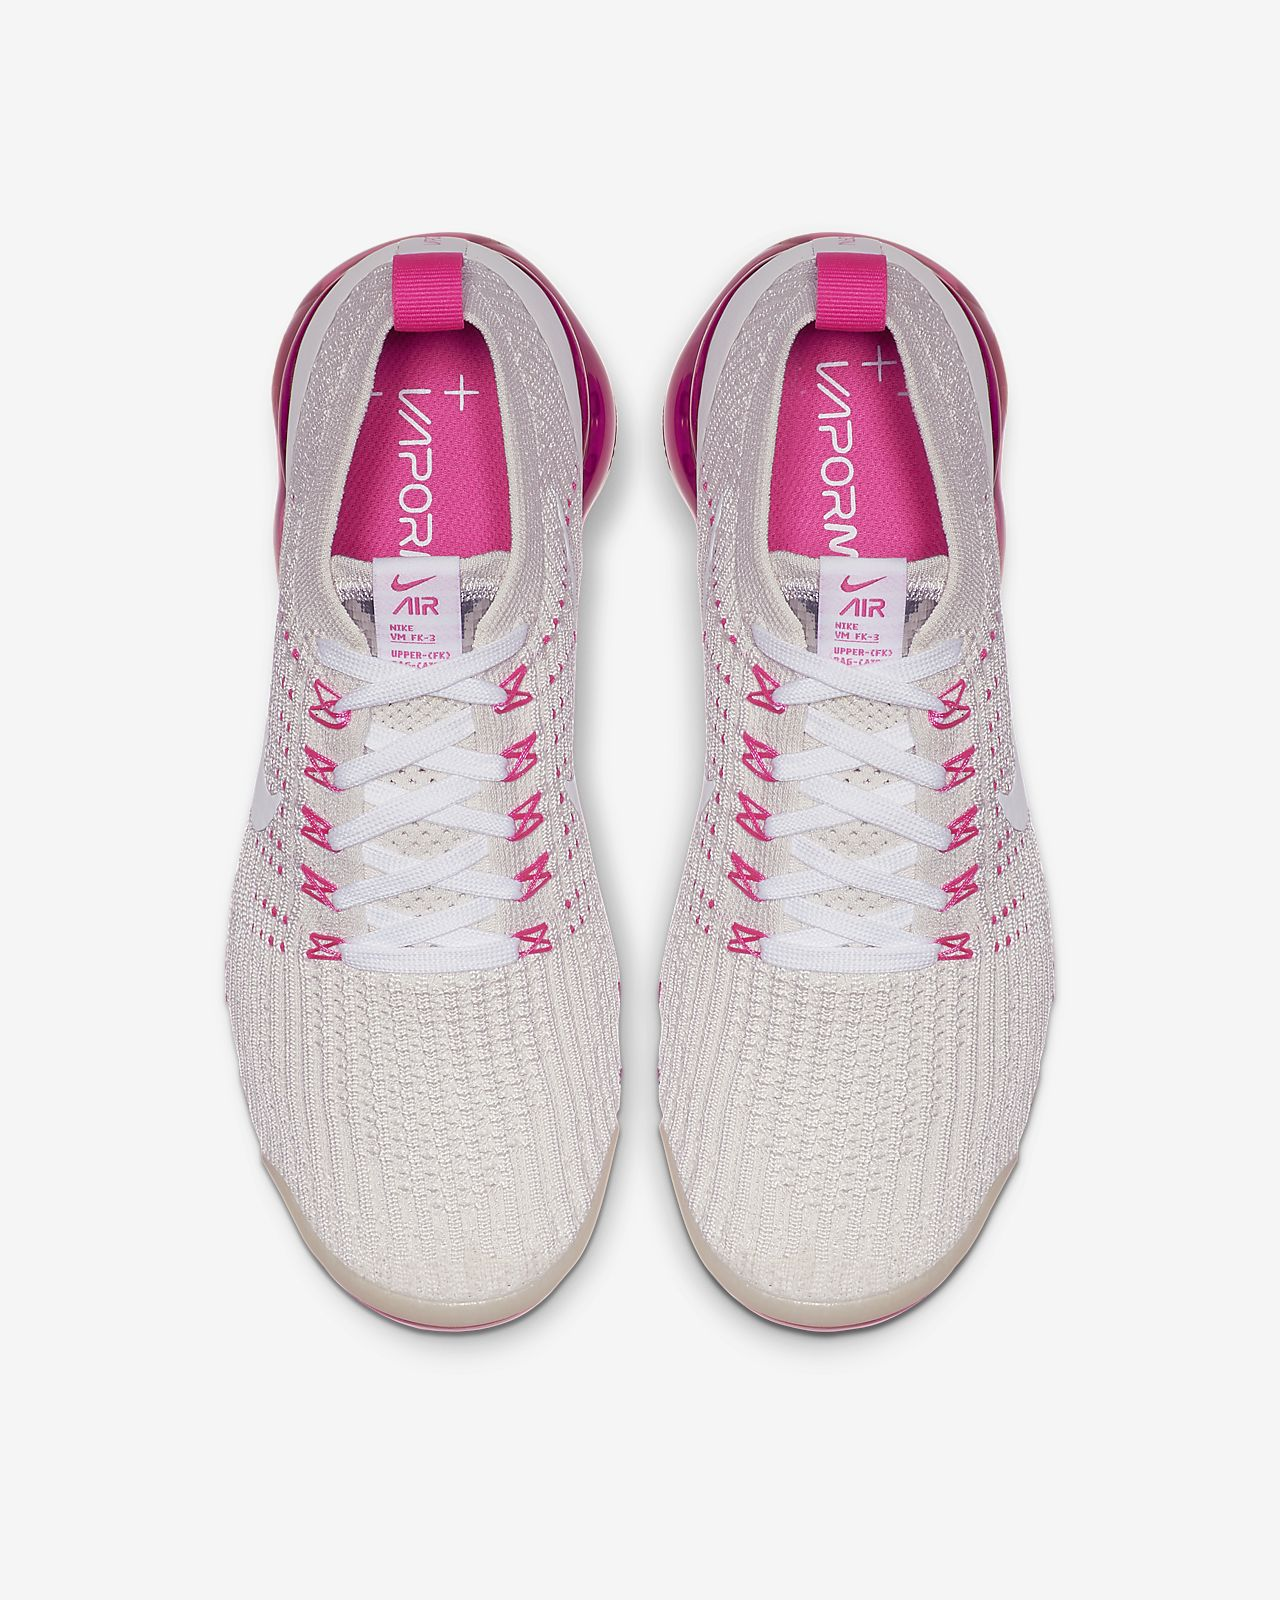 000a0183bcf9e Nike Air VaporMax Flyknit 3 Women s Shoe. Nike.com ZA